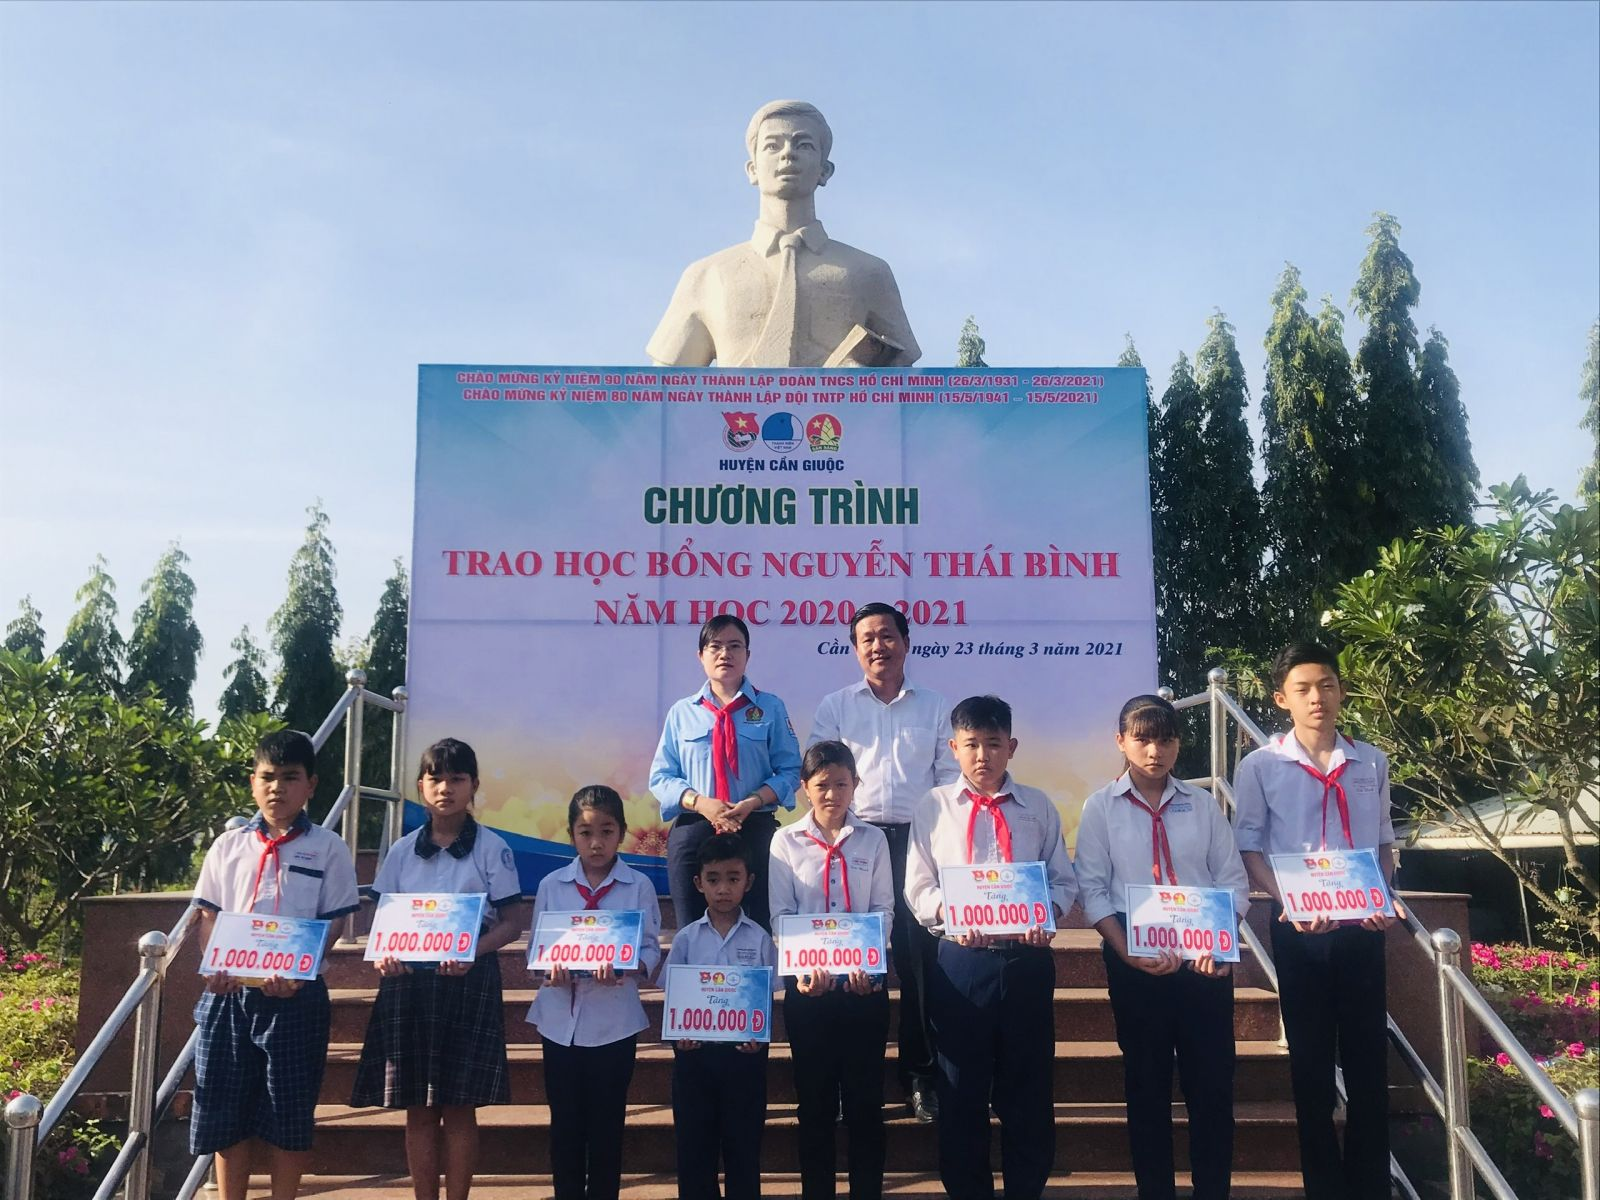 Từ năm 2021, Huyện đoàn quyết định đổi tên Quỹ học bổng Ước mơ xanh thành học bổng Nguyễn Thái Bình nhằm giáo dục truyền thống cho thế hệ trẻ và thể hiện lòng biết ơn với anh Nguyễn Thái Bình